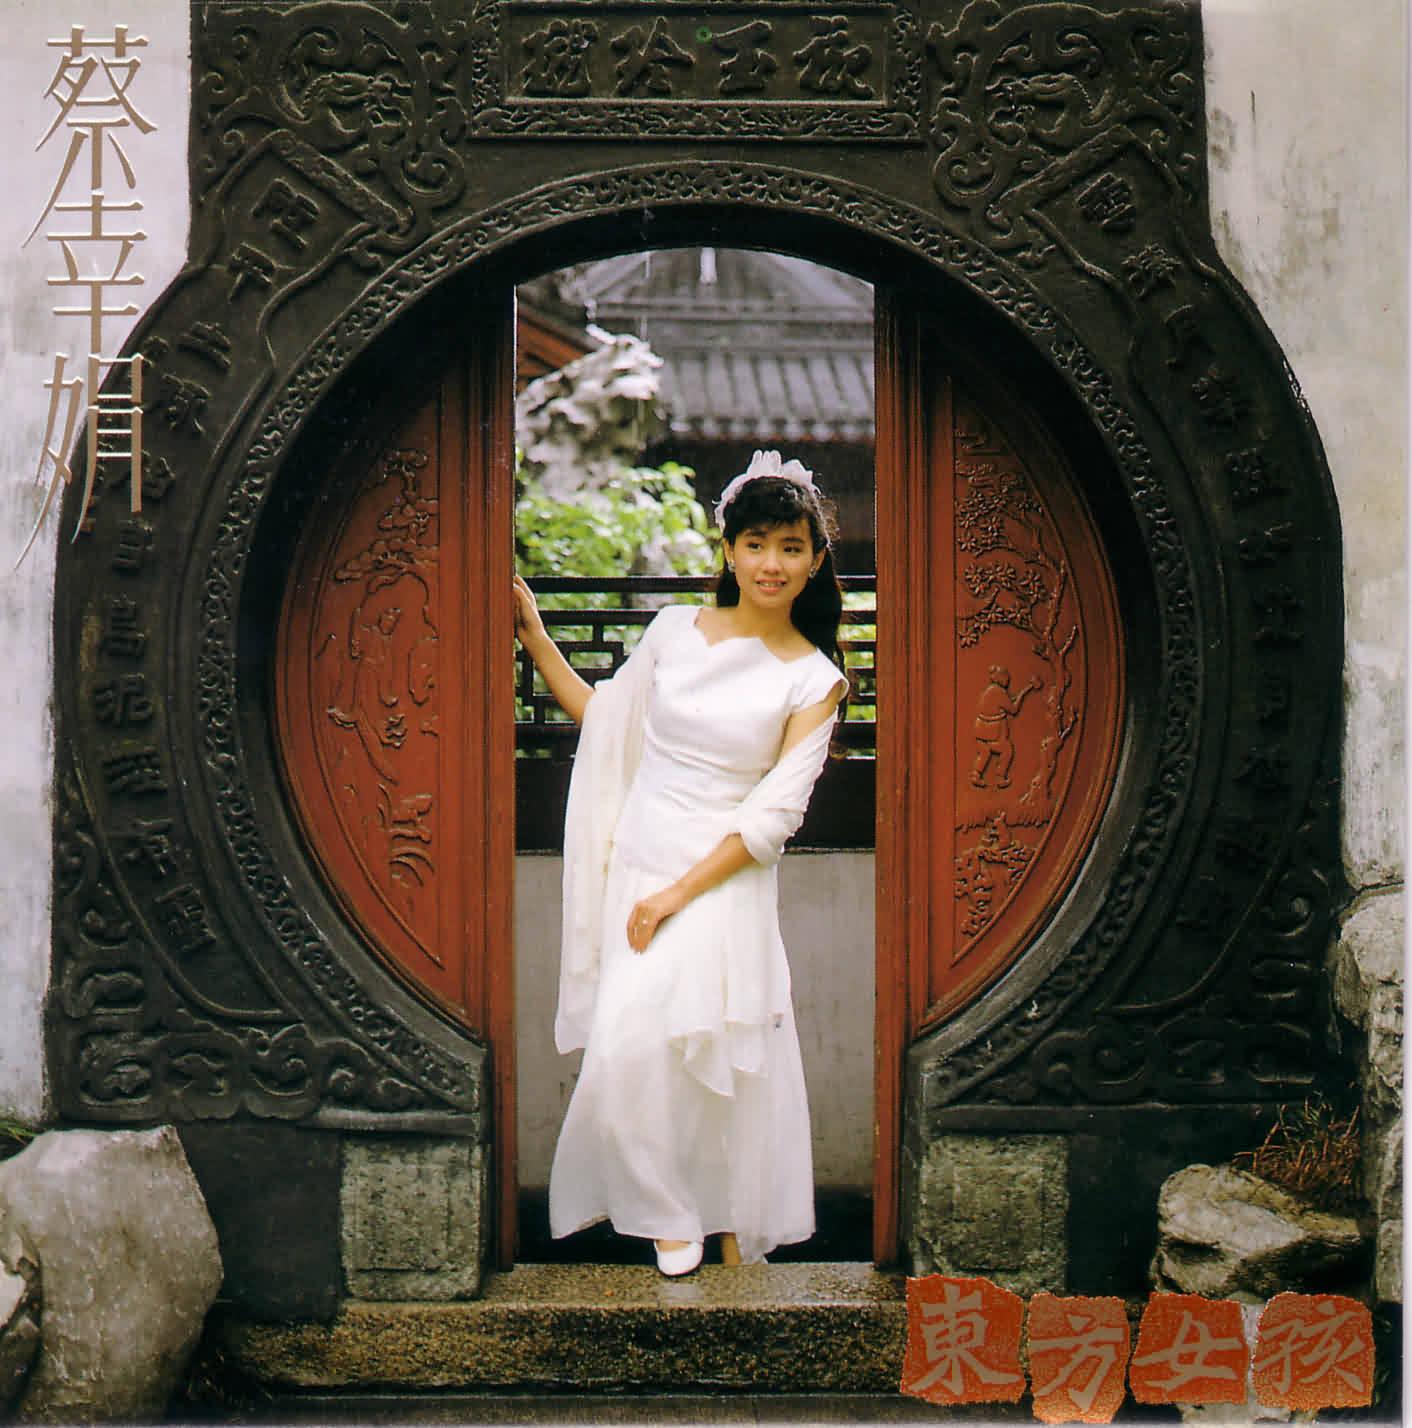 蔡幸娟 《东方女孩》